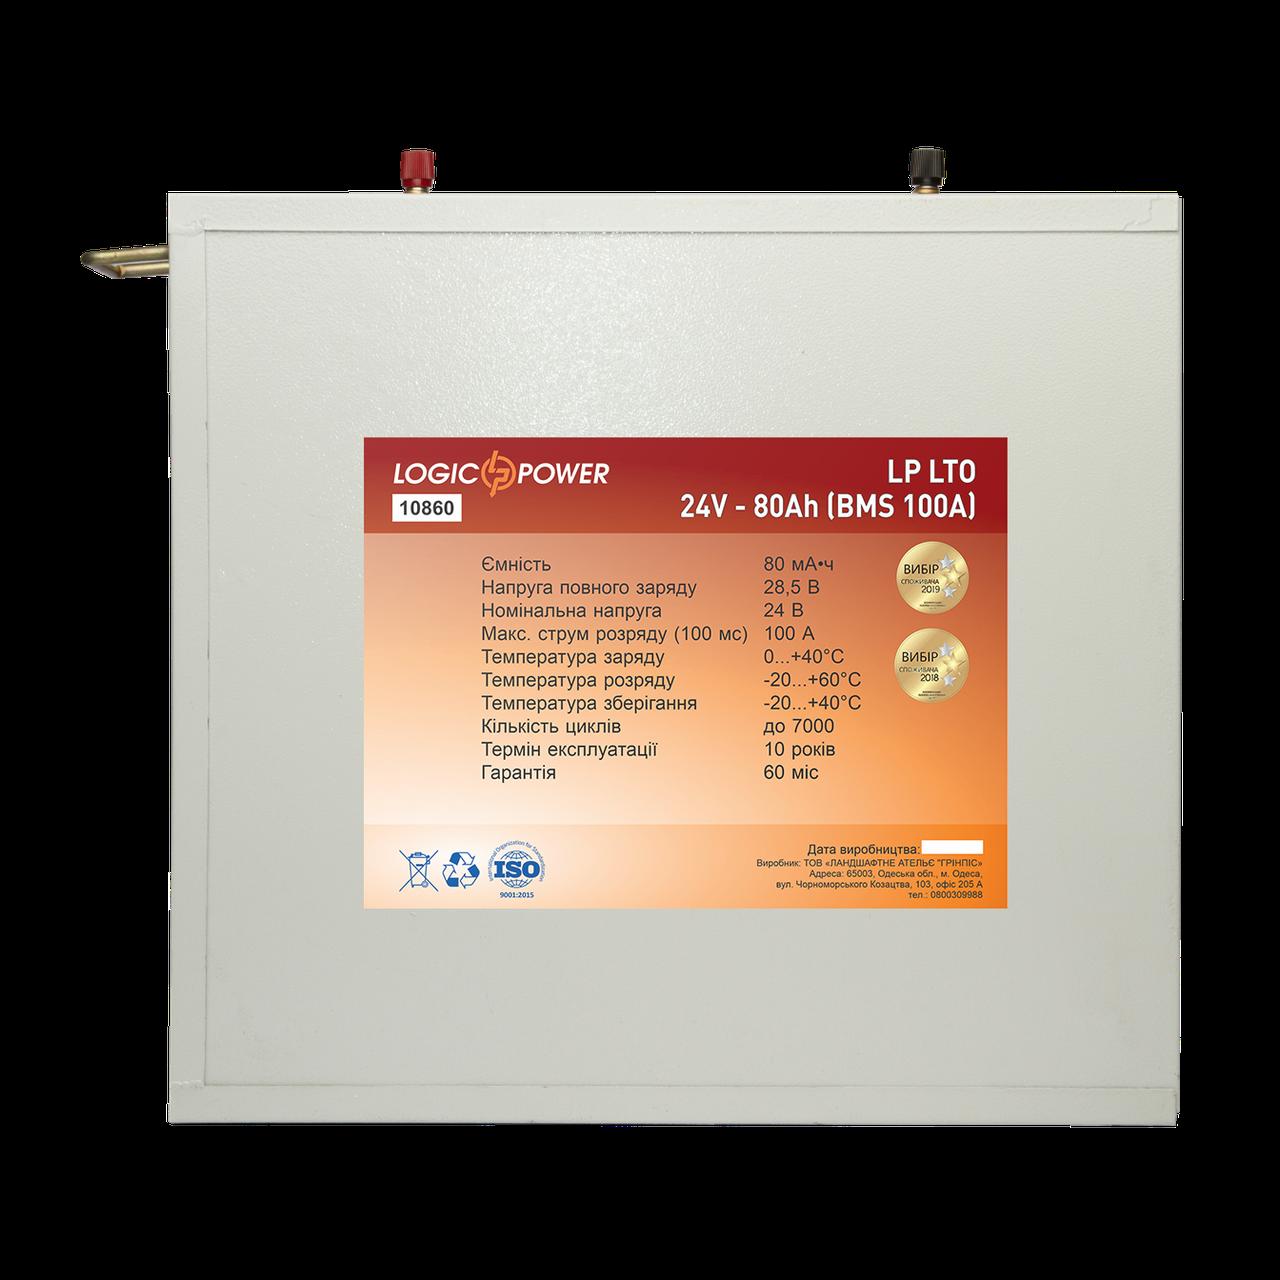 Аккумуляторная батарея LP LTO 24V - 80Ah (BMS 100A) металл, для солнечной энергетики